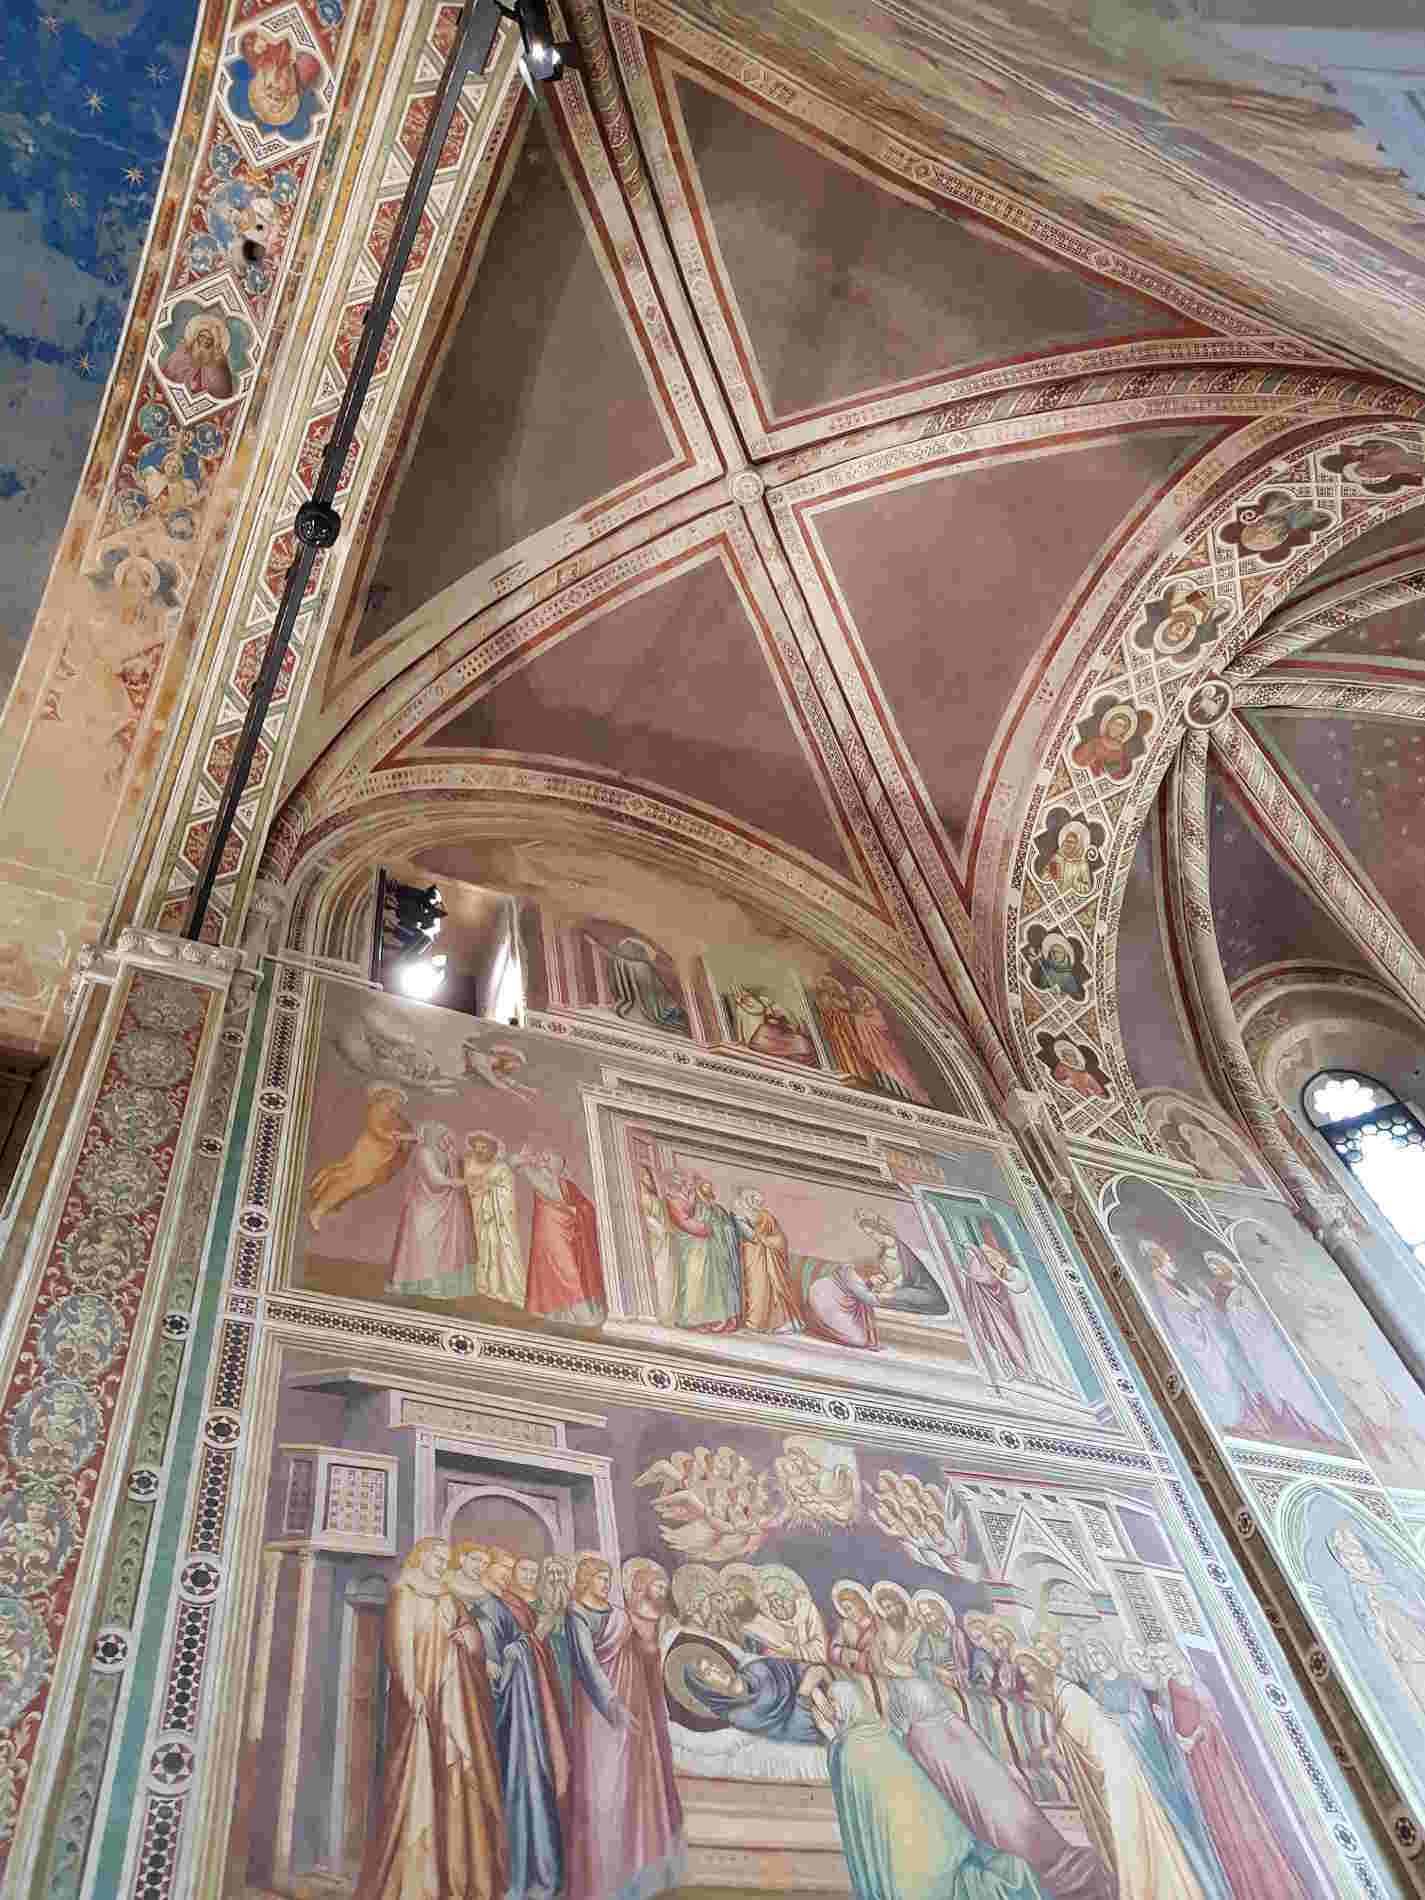 Particolari degli affreschi di Giotto nella cappella degli Scrovegni a Padova